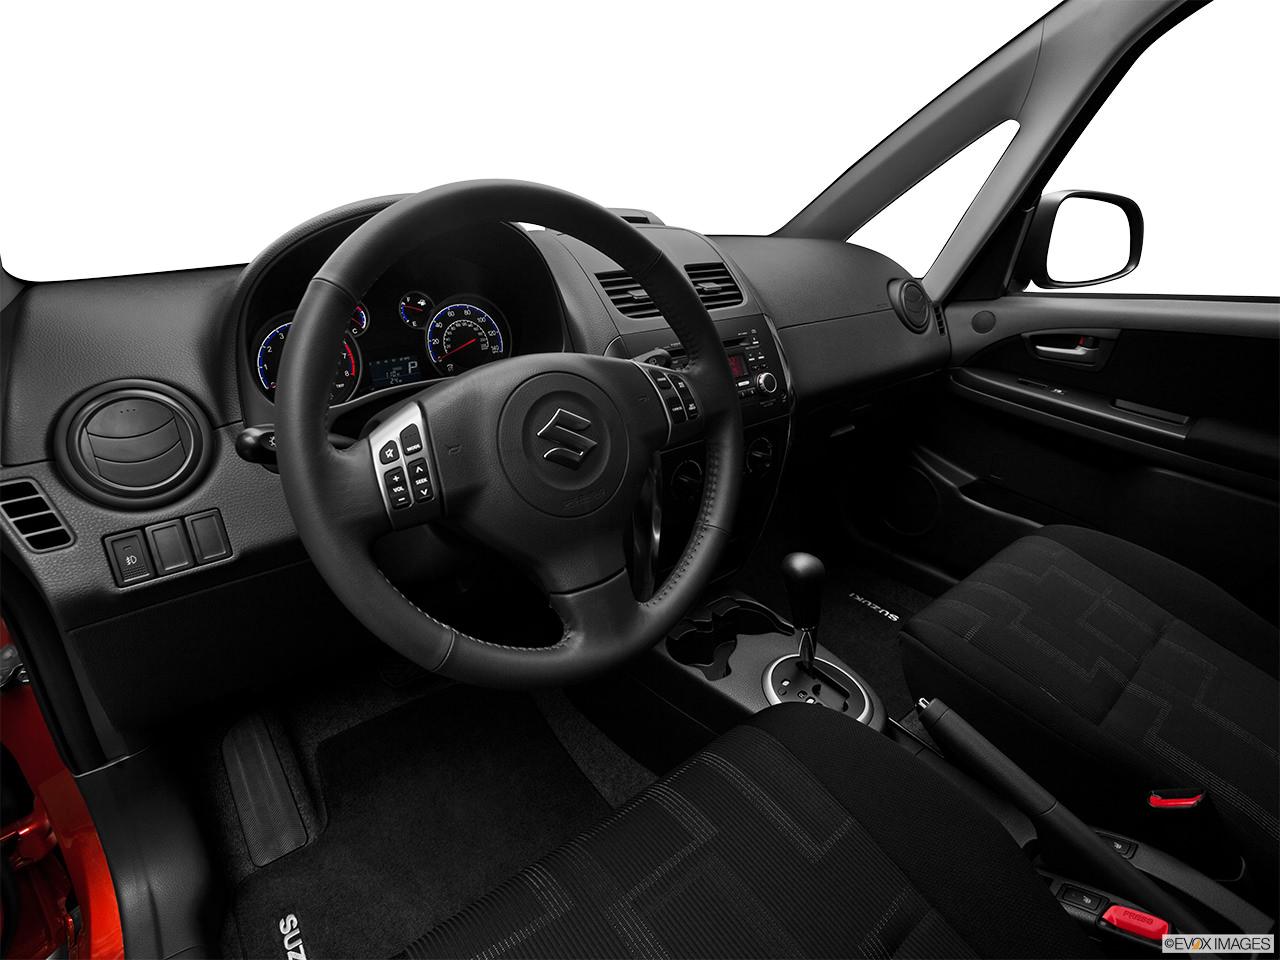 suzuki sx4 2012 interior